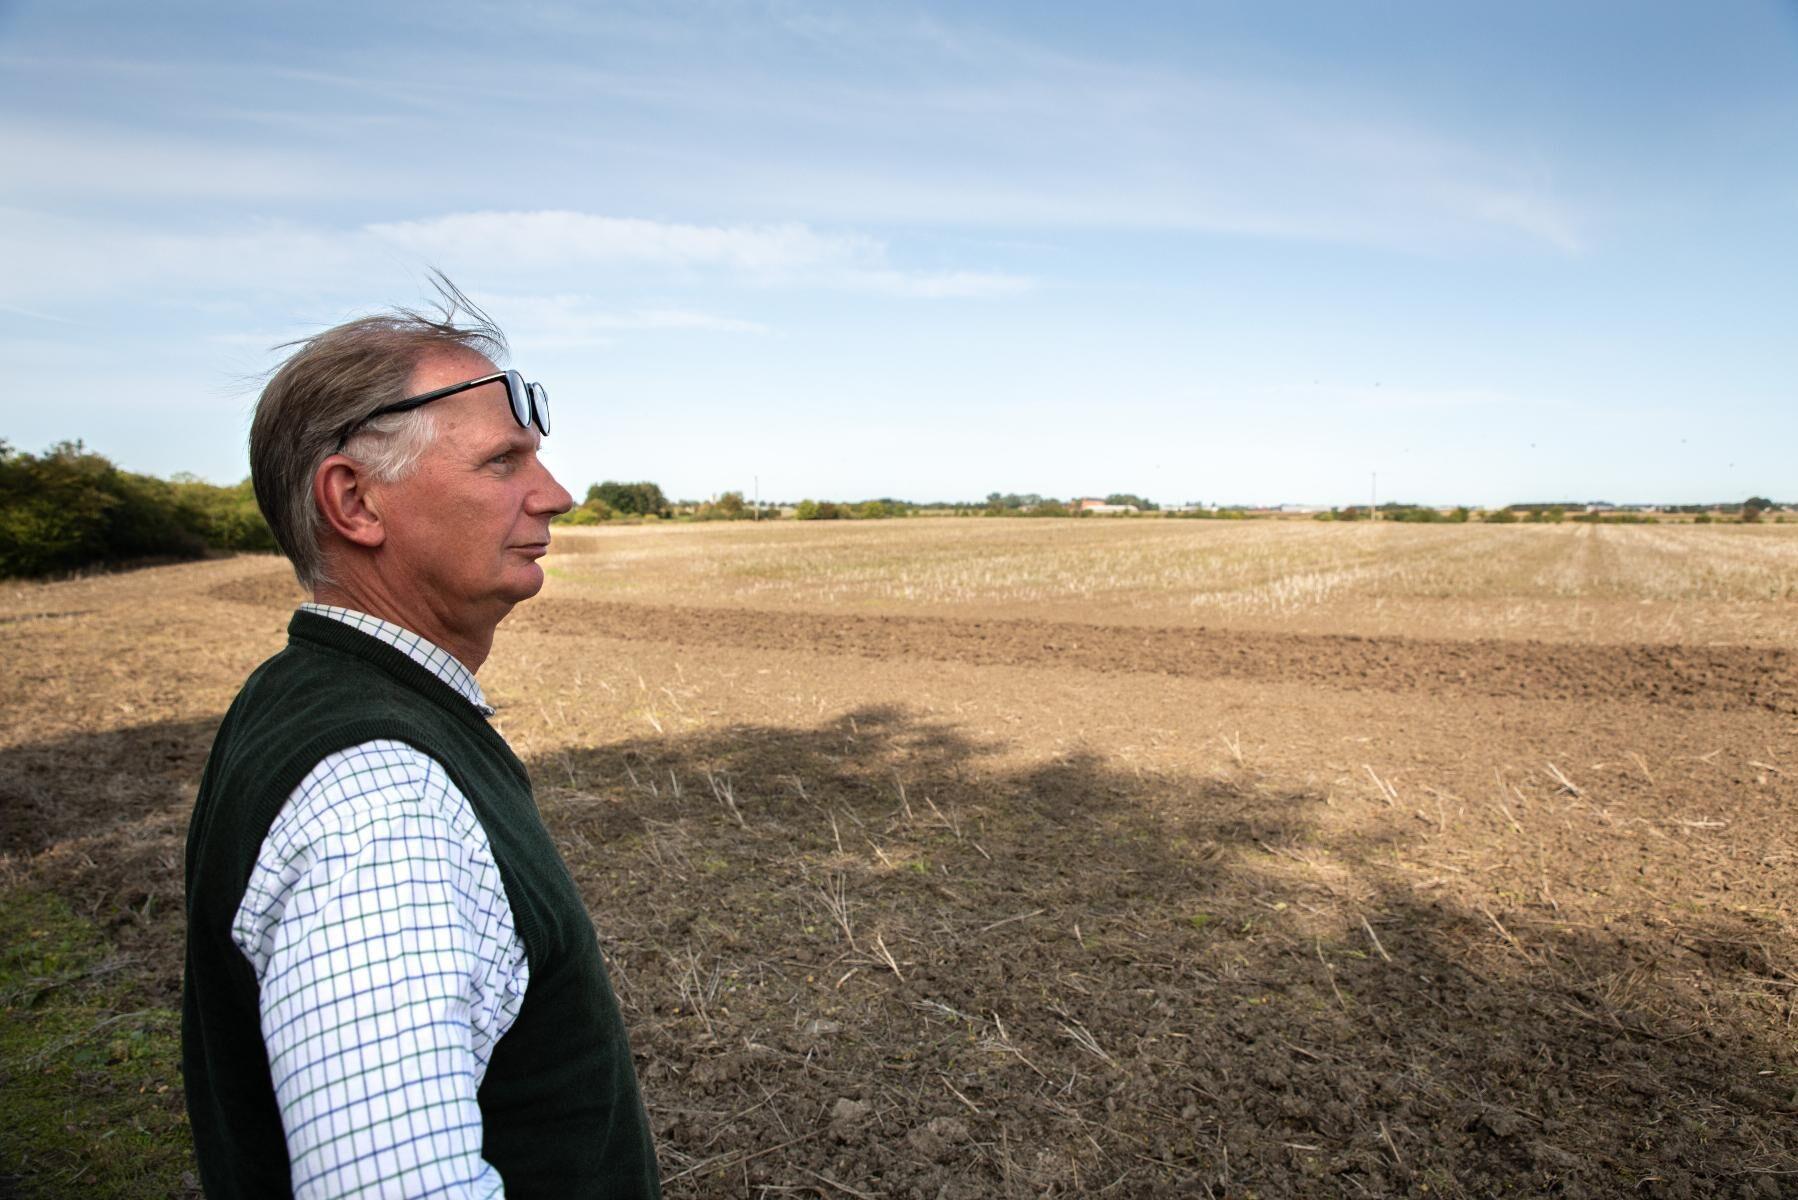 Här undersöker man nu om det går att anlägga bevattningsdammar på upp till 600 000 kubikmeter. Vattnet ska även kunna användas av andra odlare.